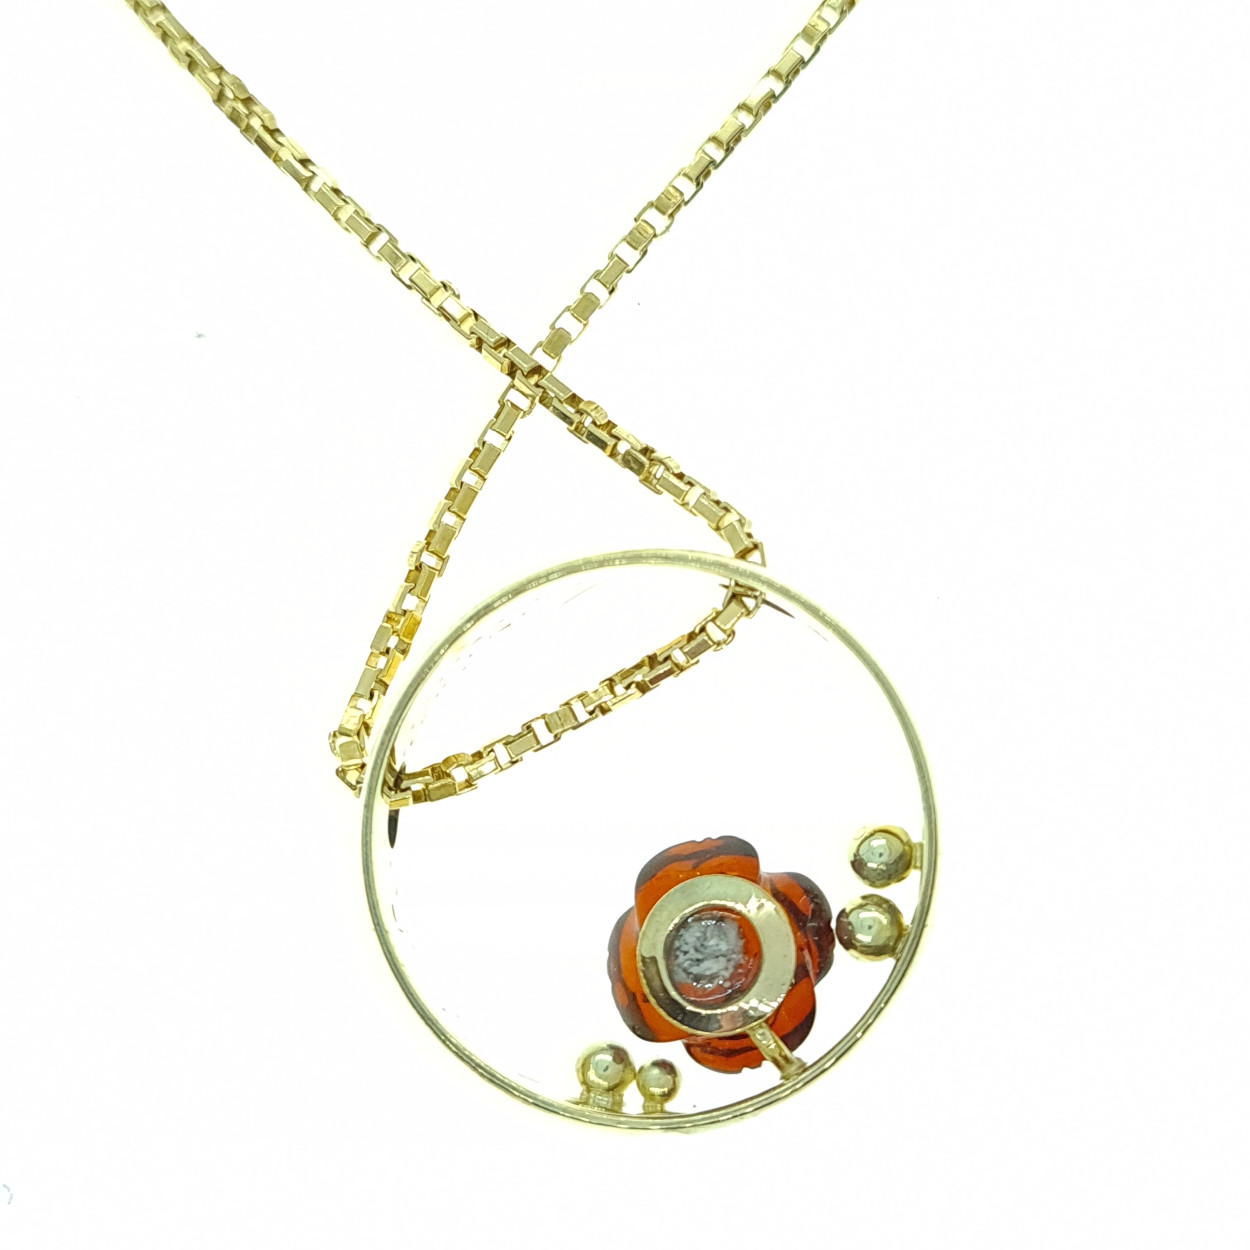 Hanger geelgoud met amber - Herinneringssieraad - Edelsmederij puur & pracht Helvoirt